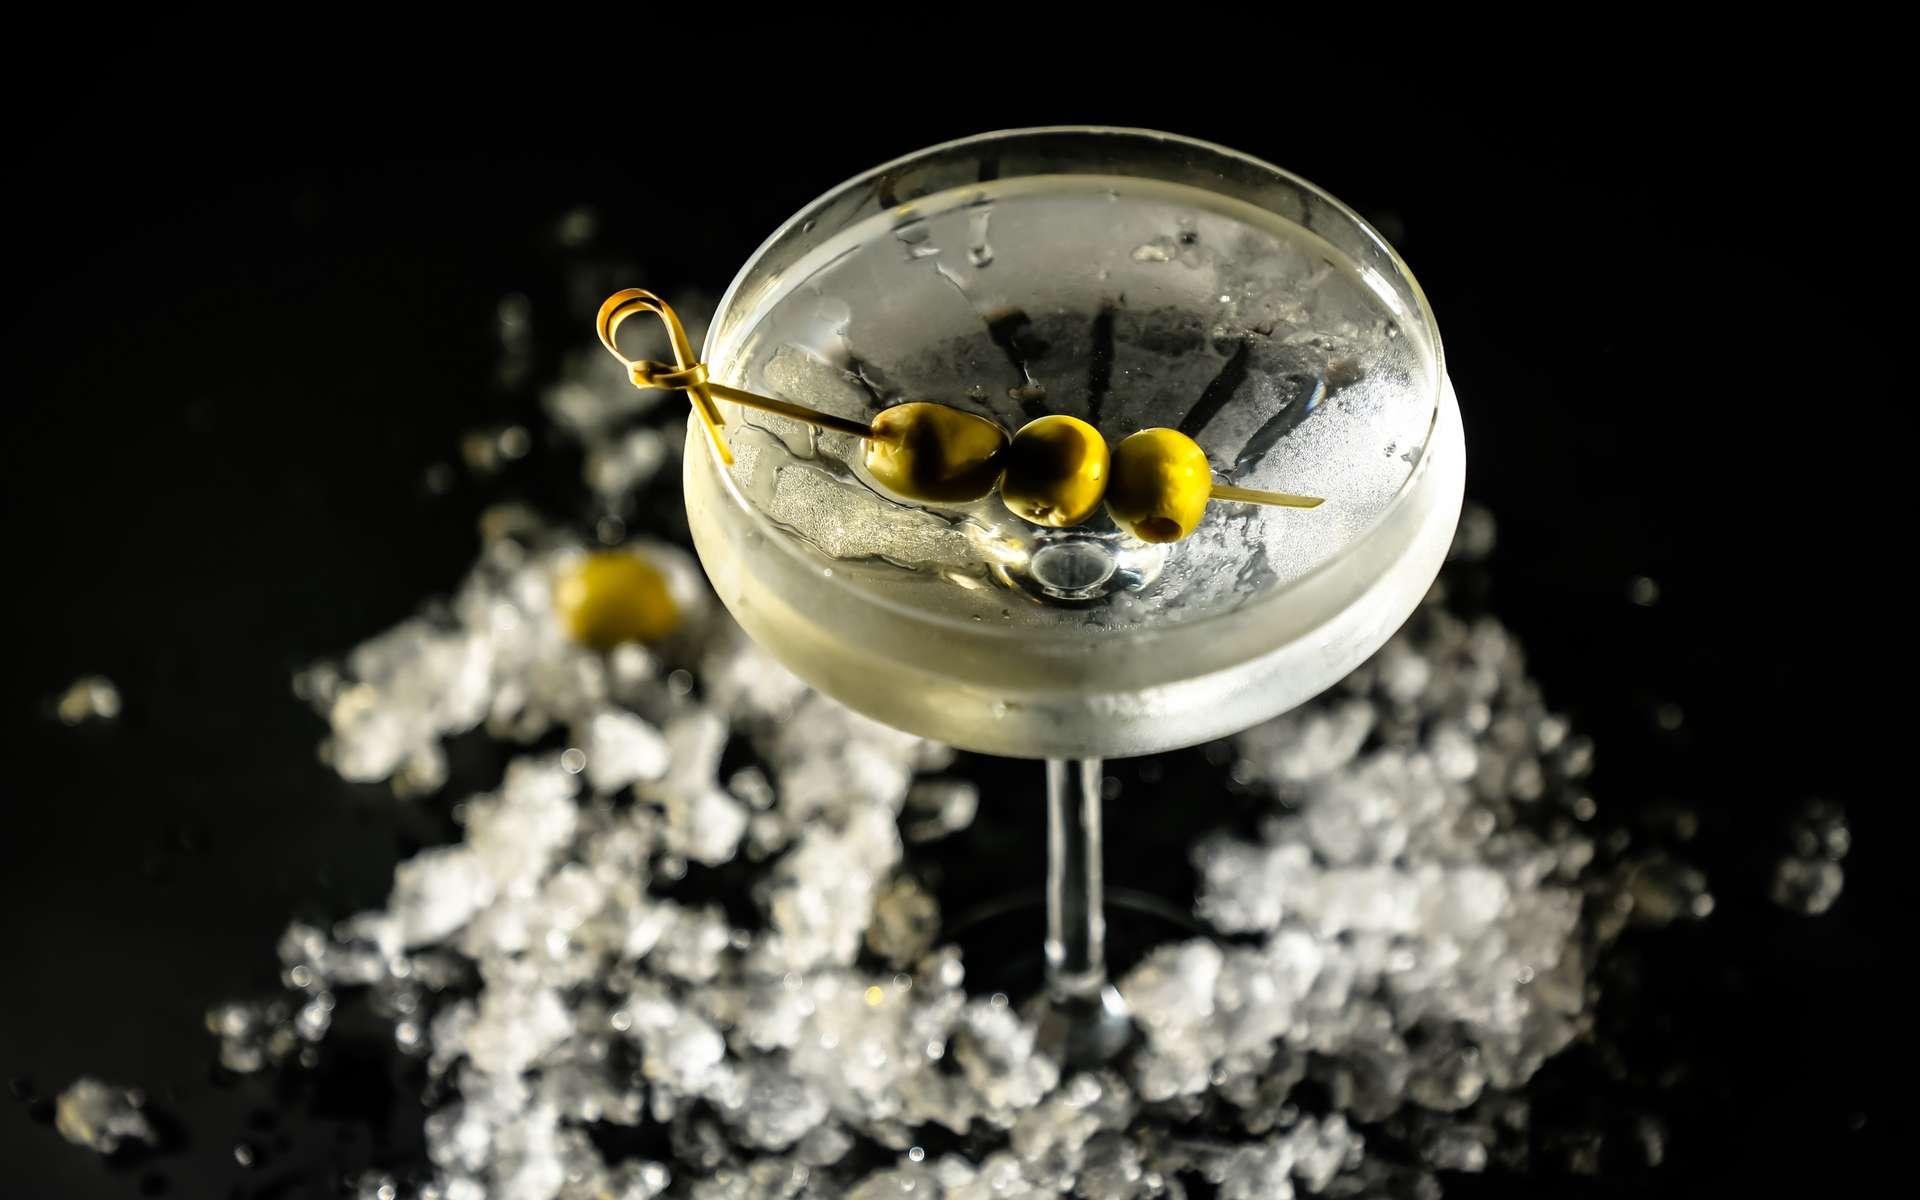 Dans Casino Royale, James Bond boit un cocktail empoisonné à la digitaline. © milanchikov, Adobe Stock